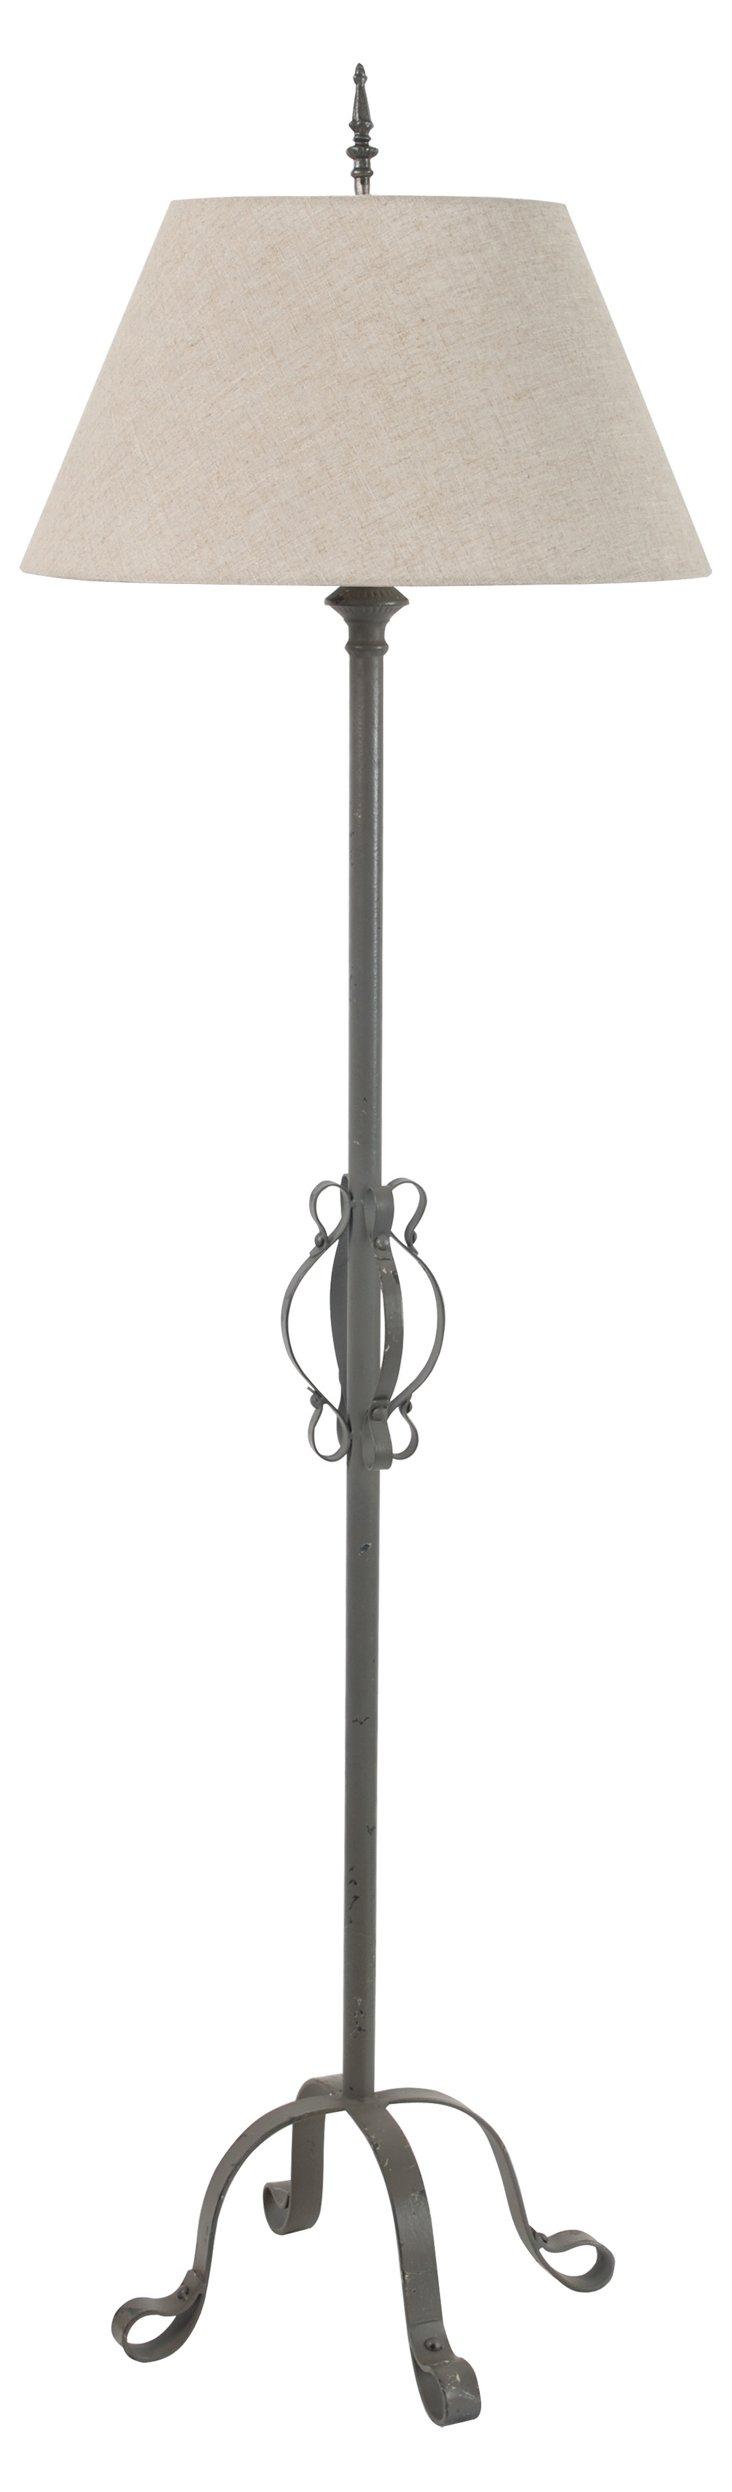 Benton Floor Lamp, Gray